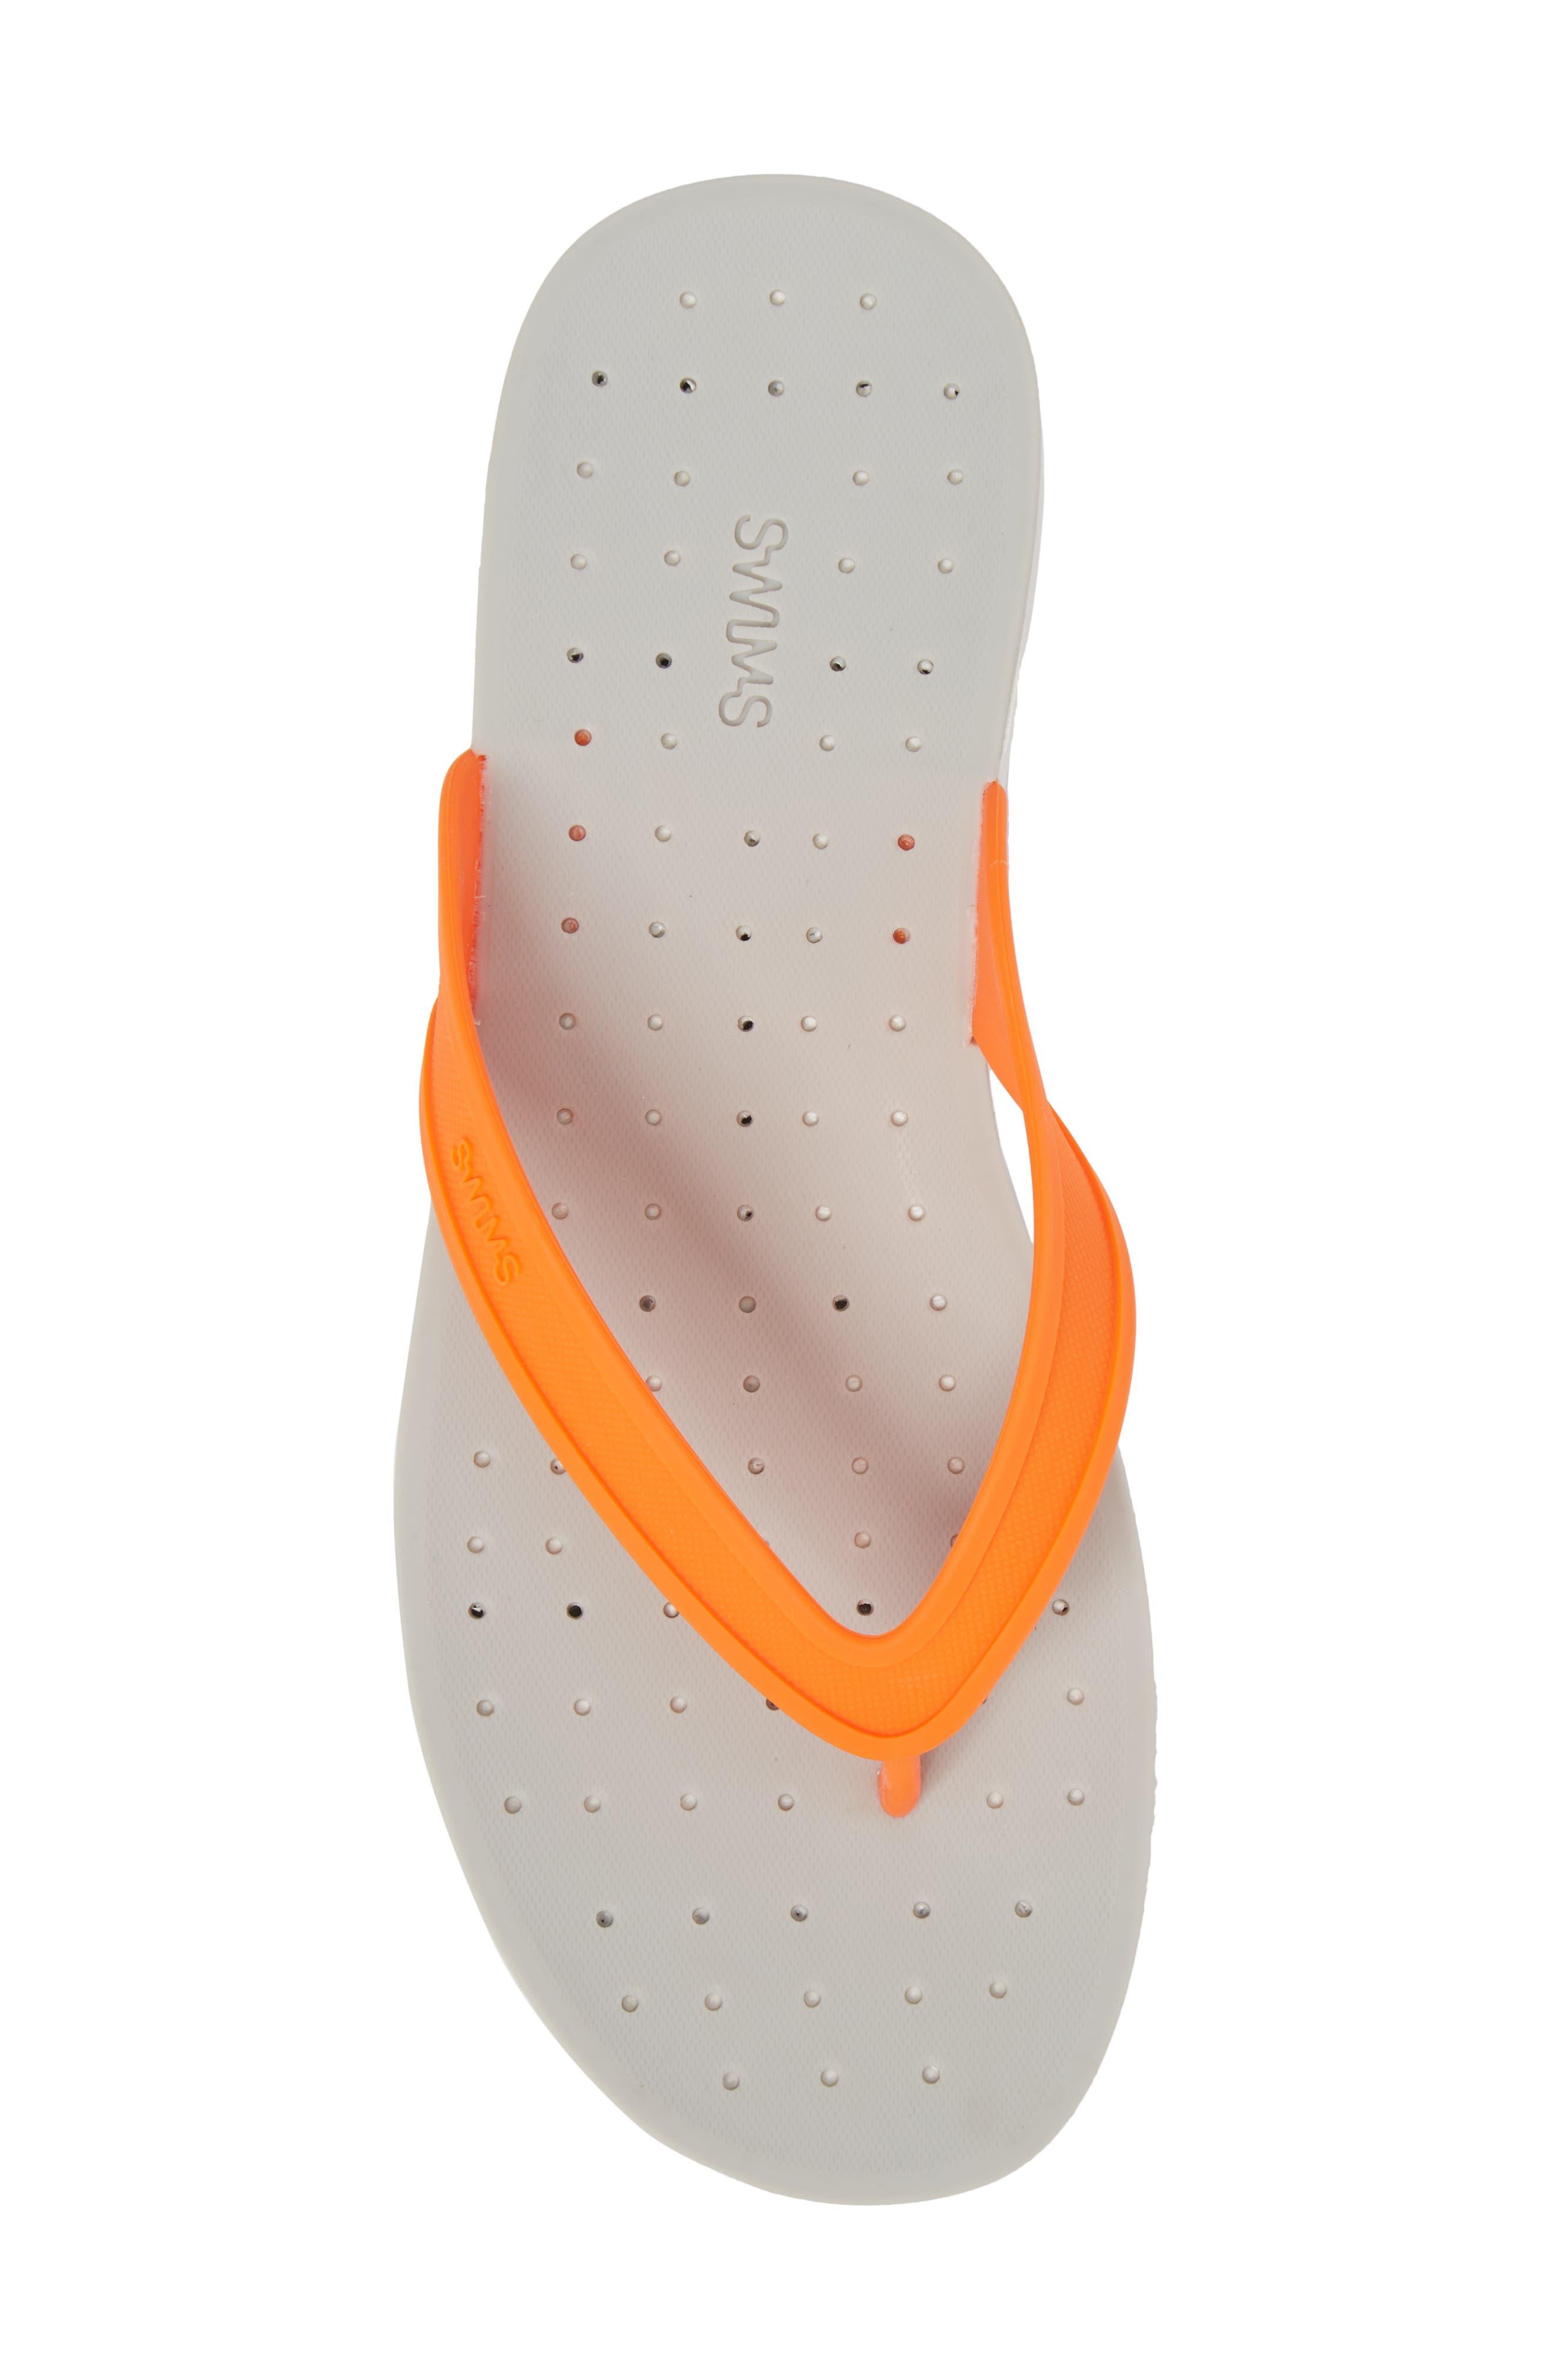 Breeze Flip Flop,                             Alternate thumbnail 5, color,                             Orange/ White/ Grey Fabric